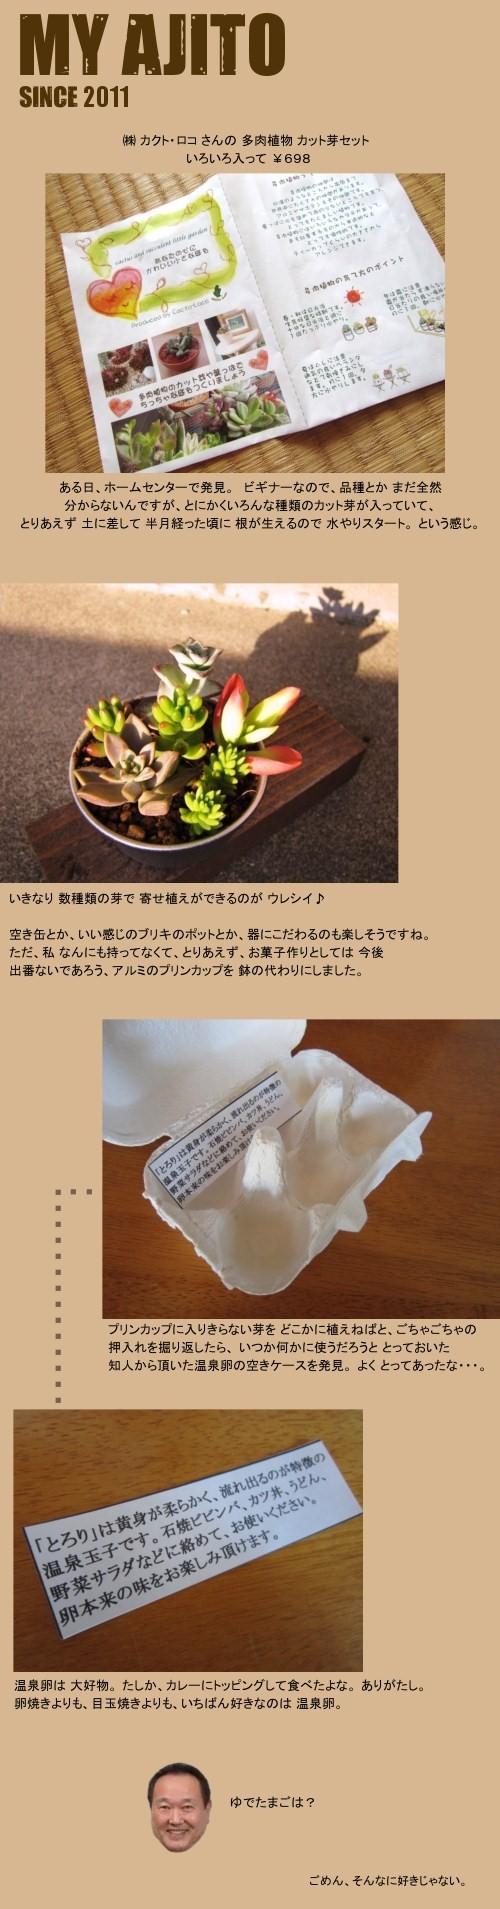 taniku_3.jpg